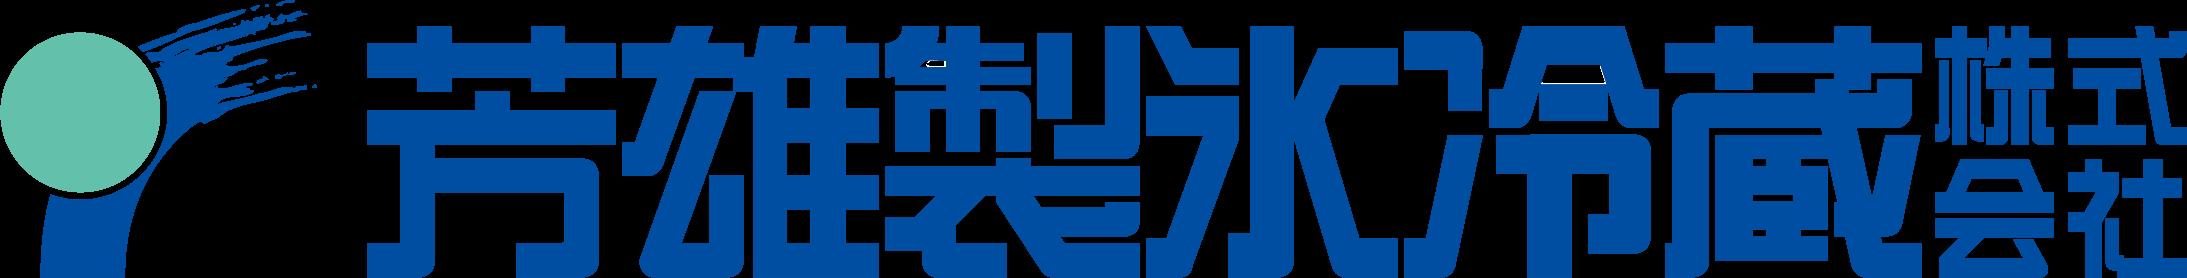 芳雄製氷冷蔵株式会社